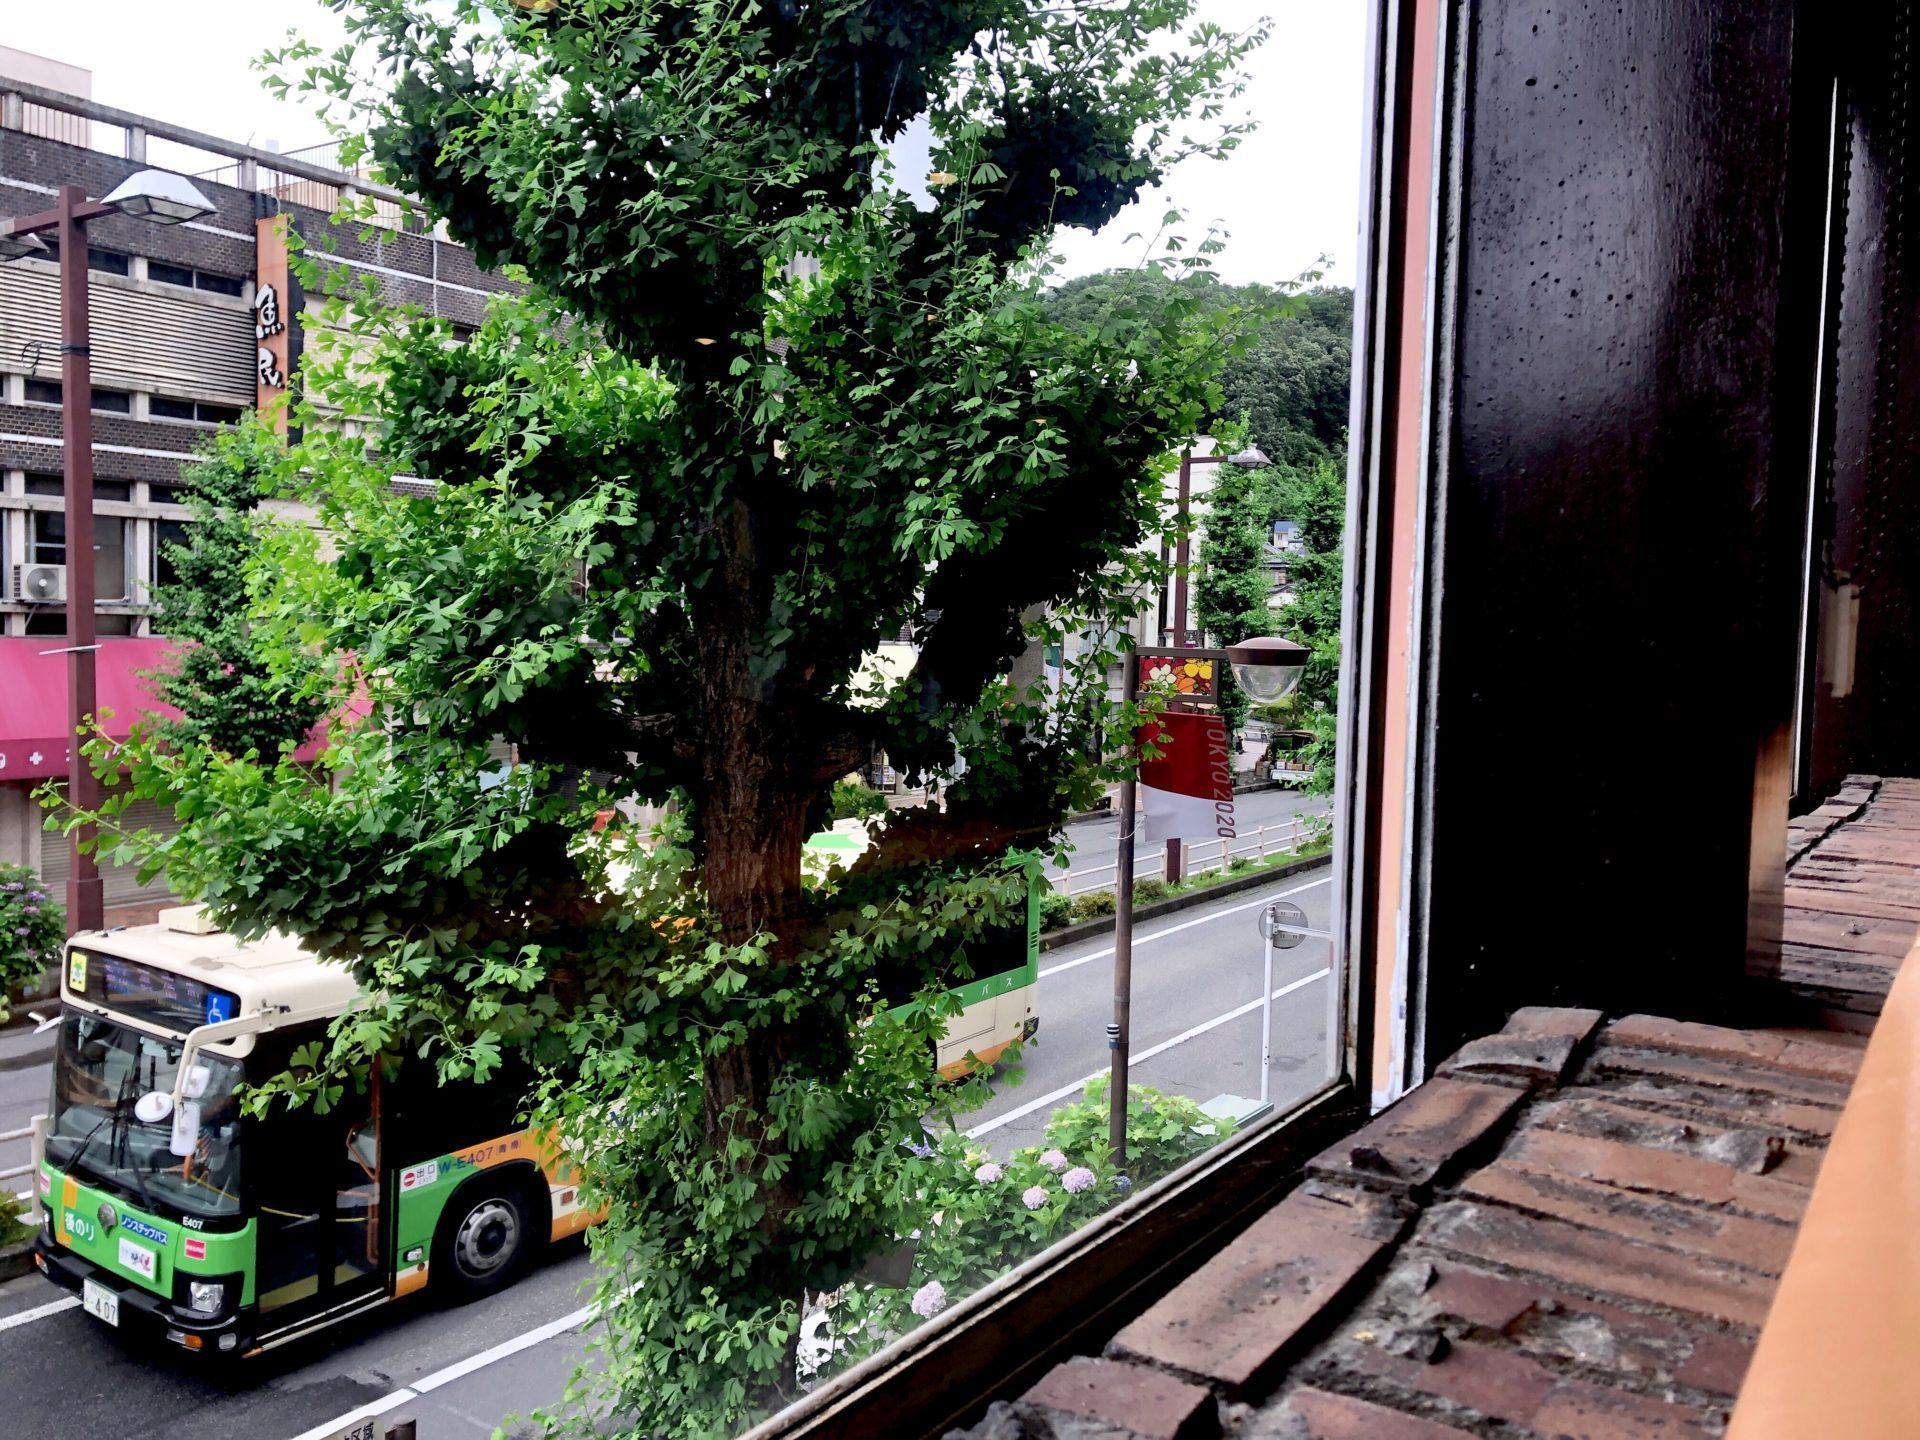 バス通りの眺め